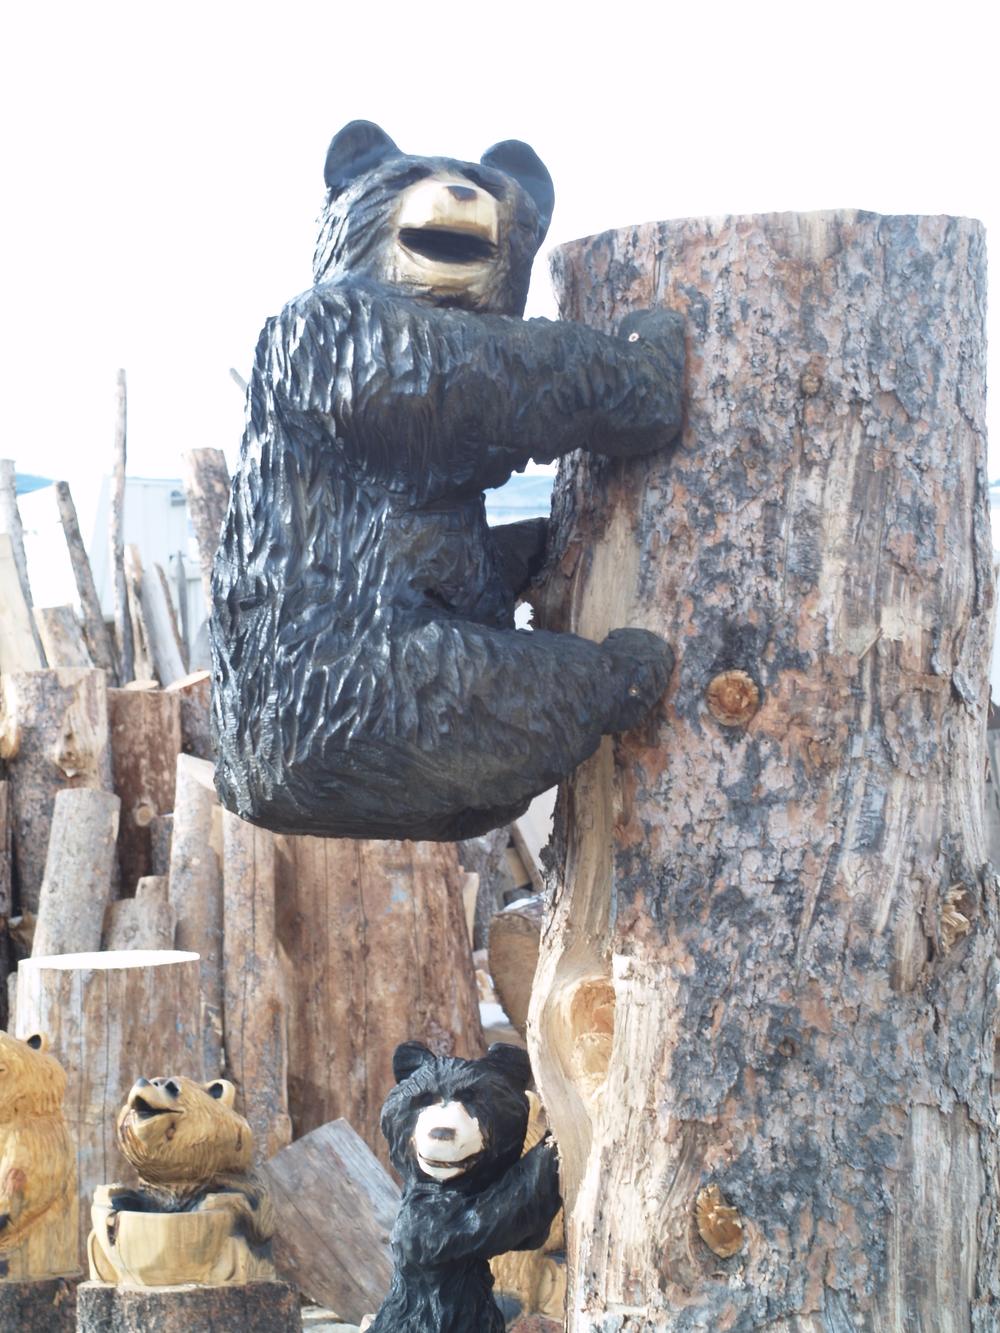 climbing-bears.JPG